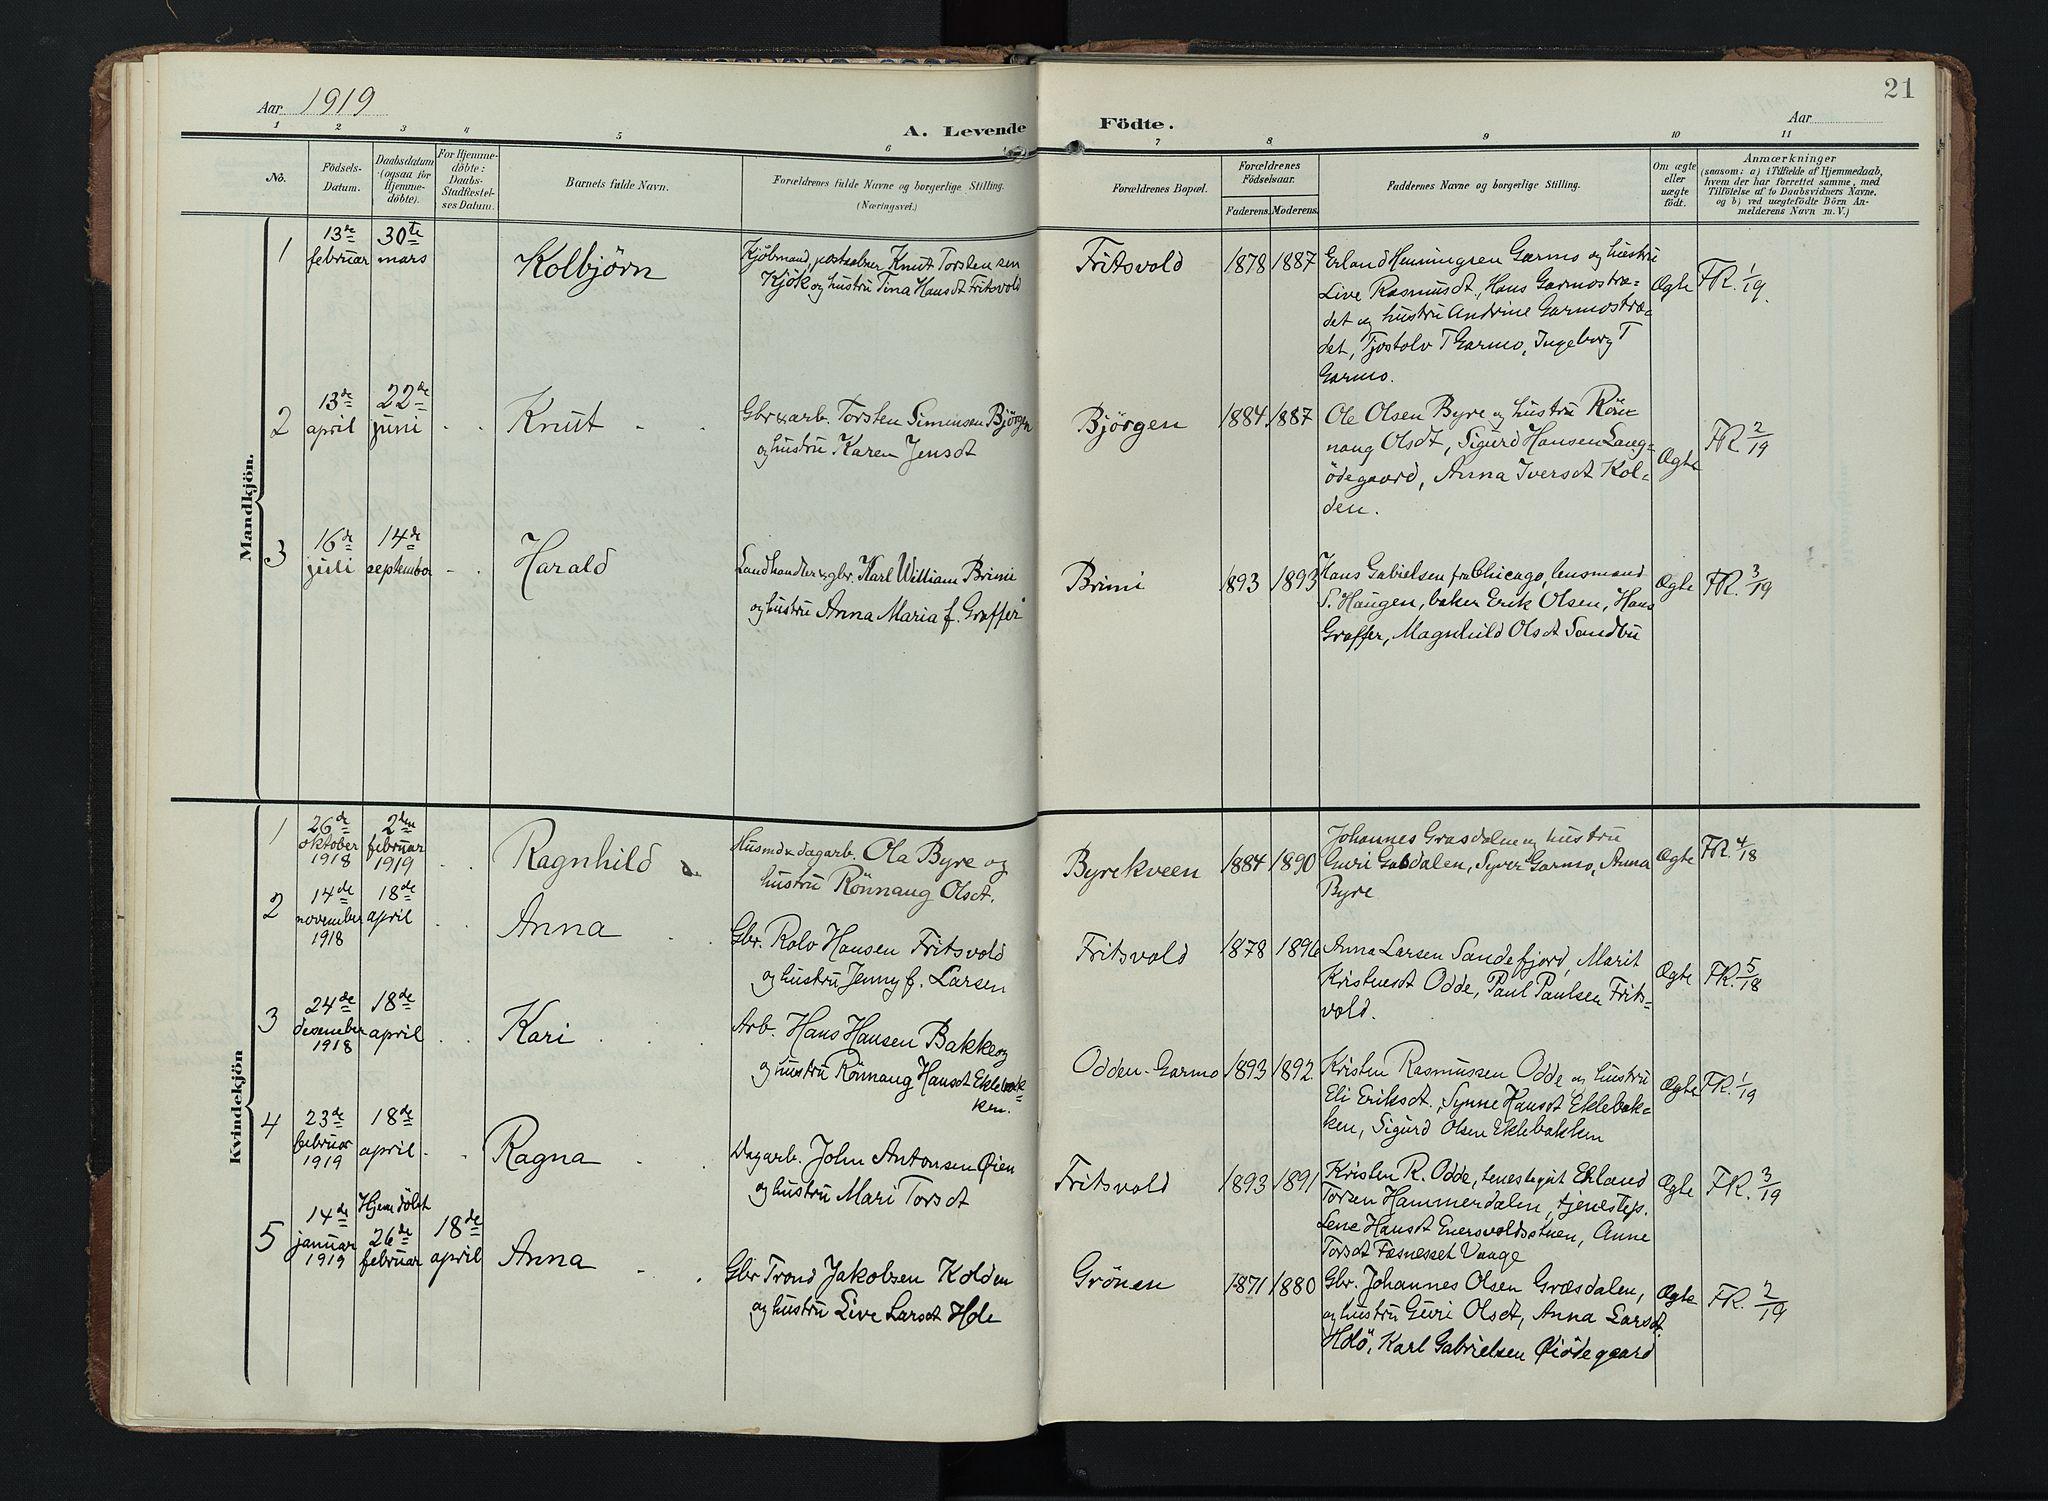 SAH, Lom prestekontor, K/L0011: Ministerialbok nr. 11, 1904-1928, s. 21